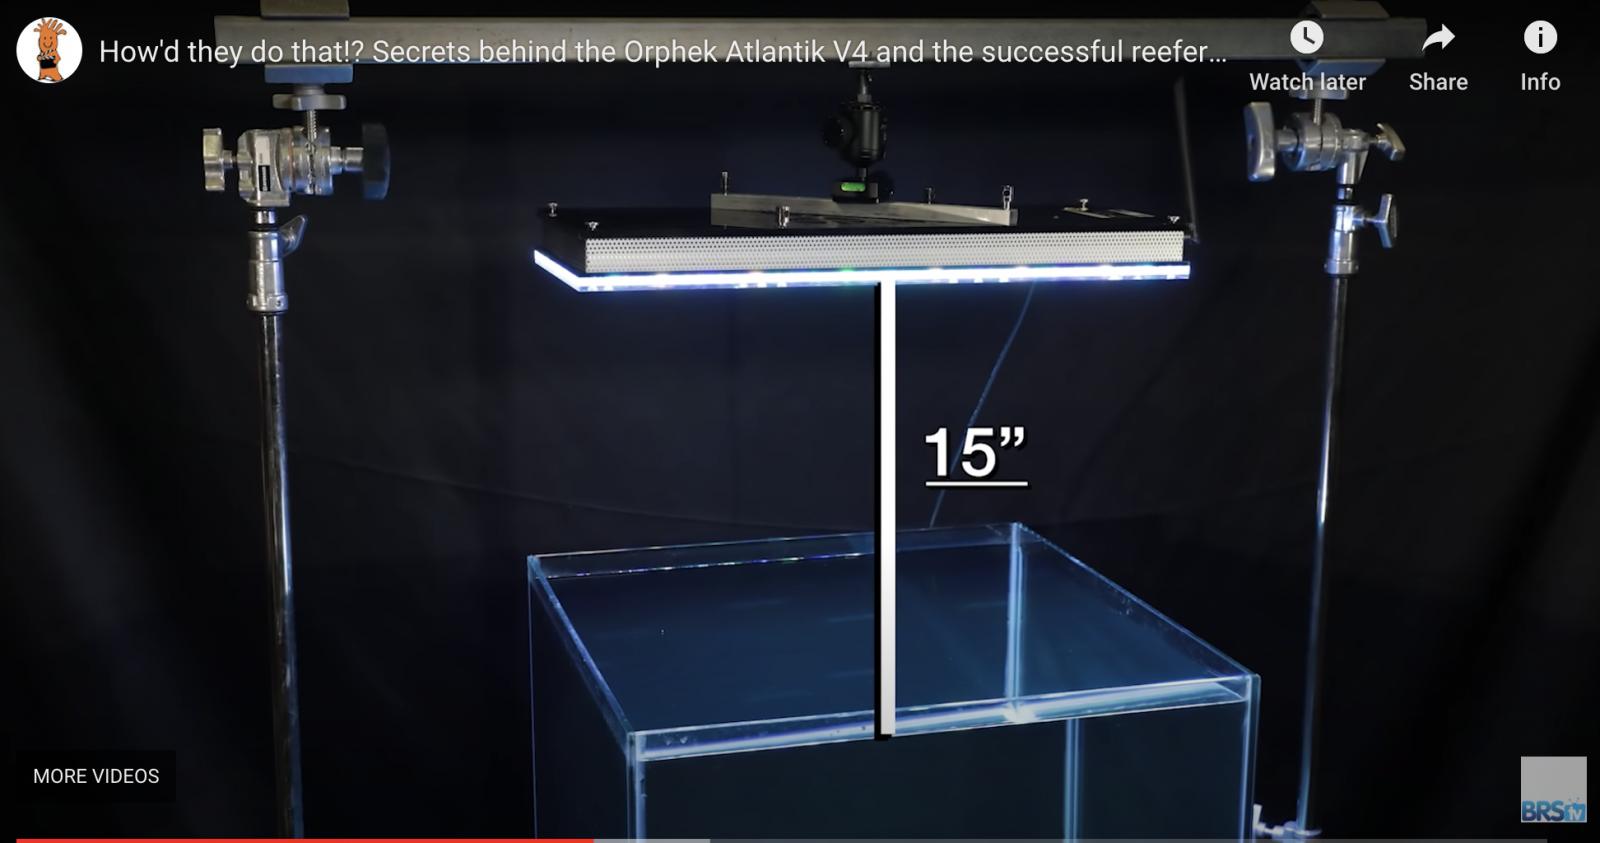 Recommended height for Atlantik V4 Gen 2 2020